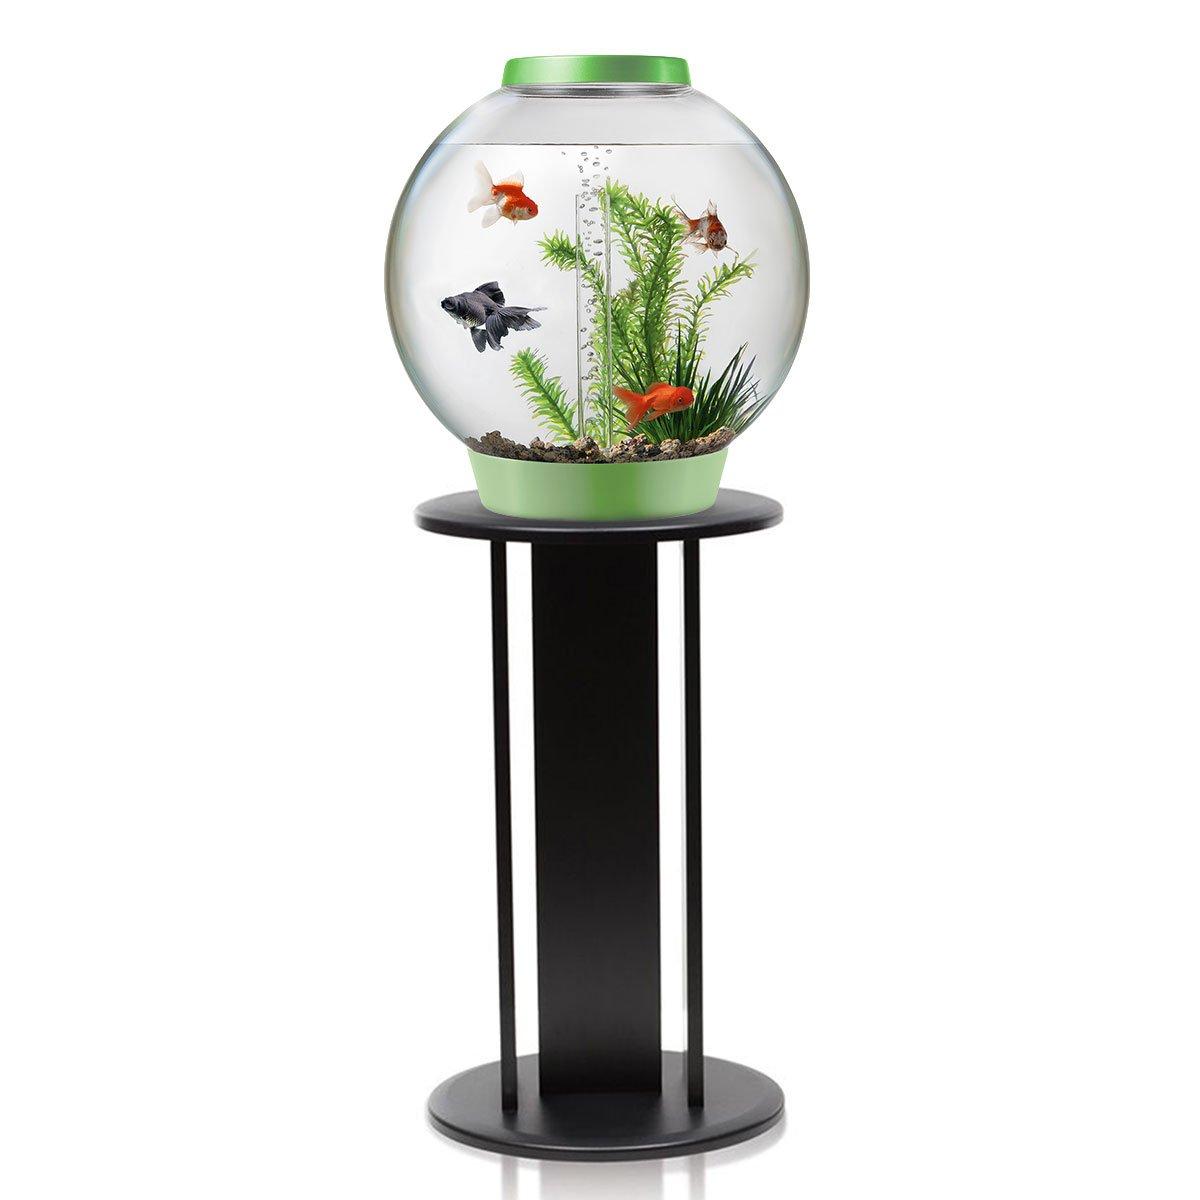 biOrb Classic L Acuario en hoja verde estándar con iluminación LED y soporte negro: Amazon.es: Productos para mascotas